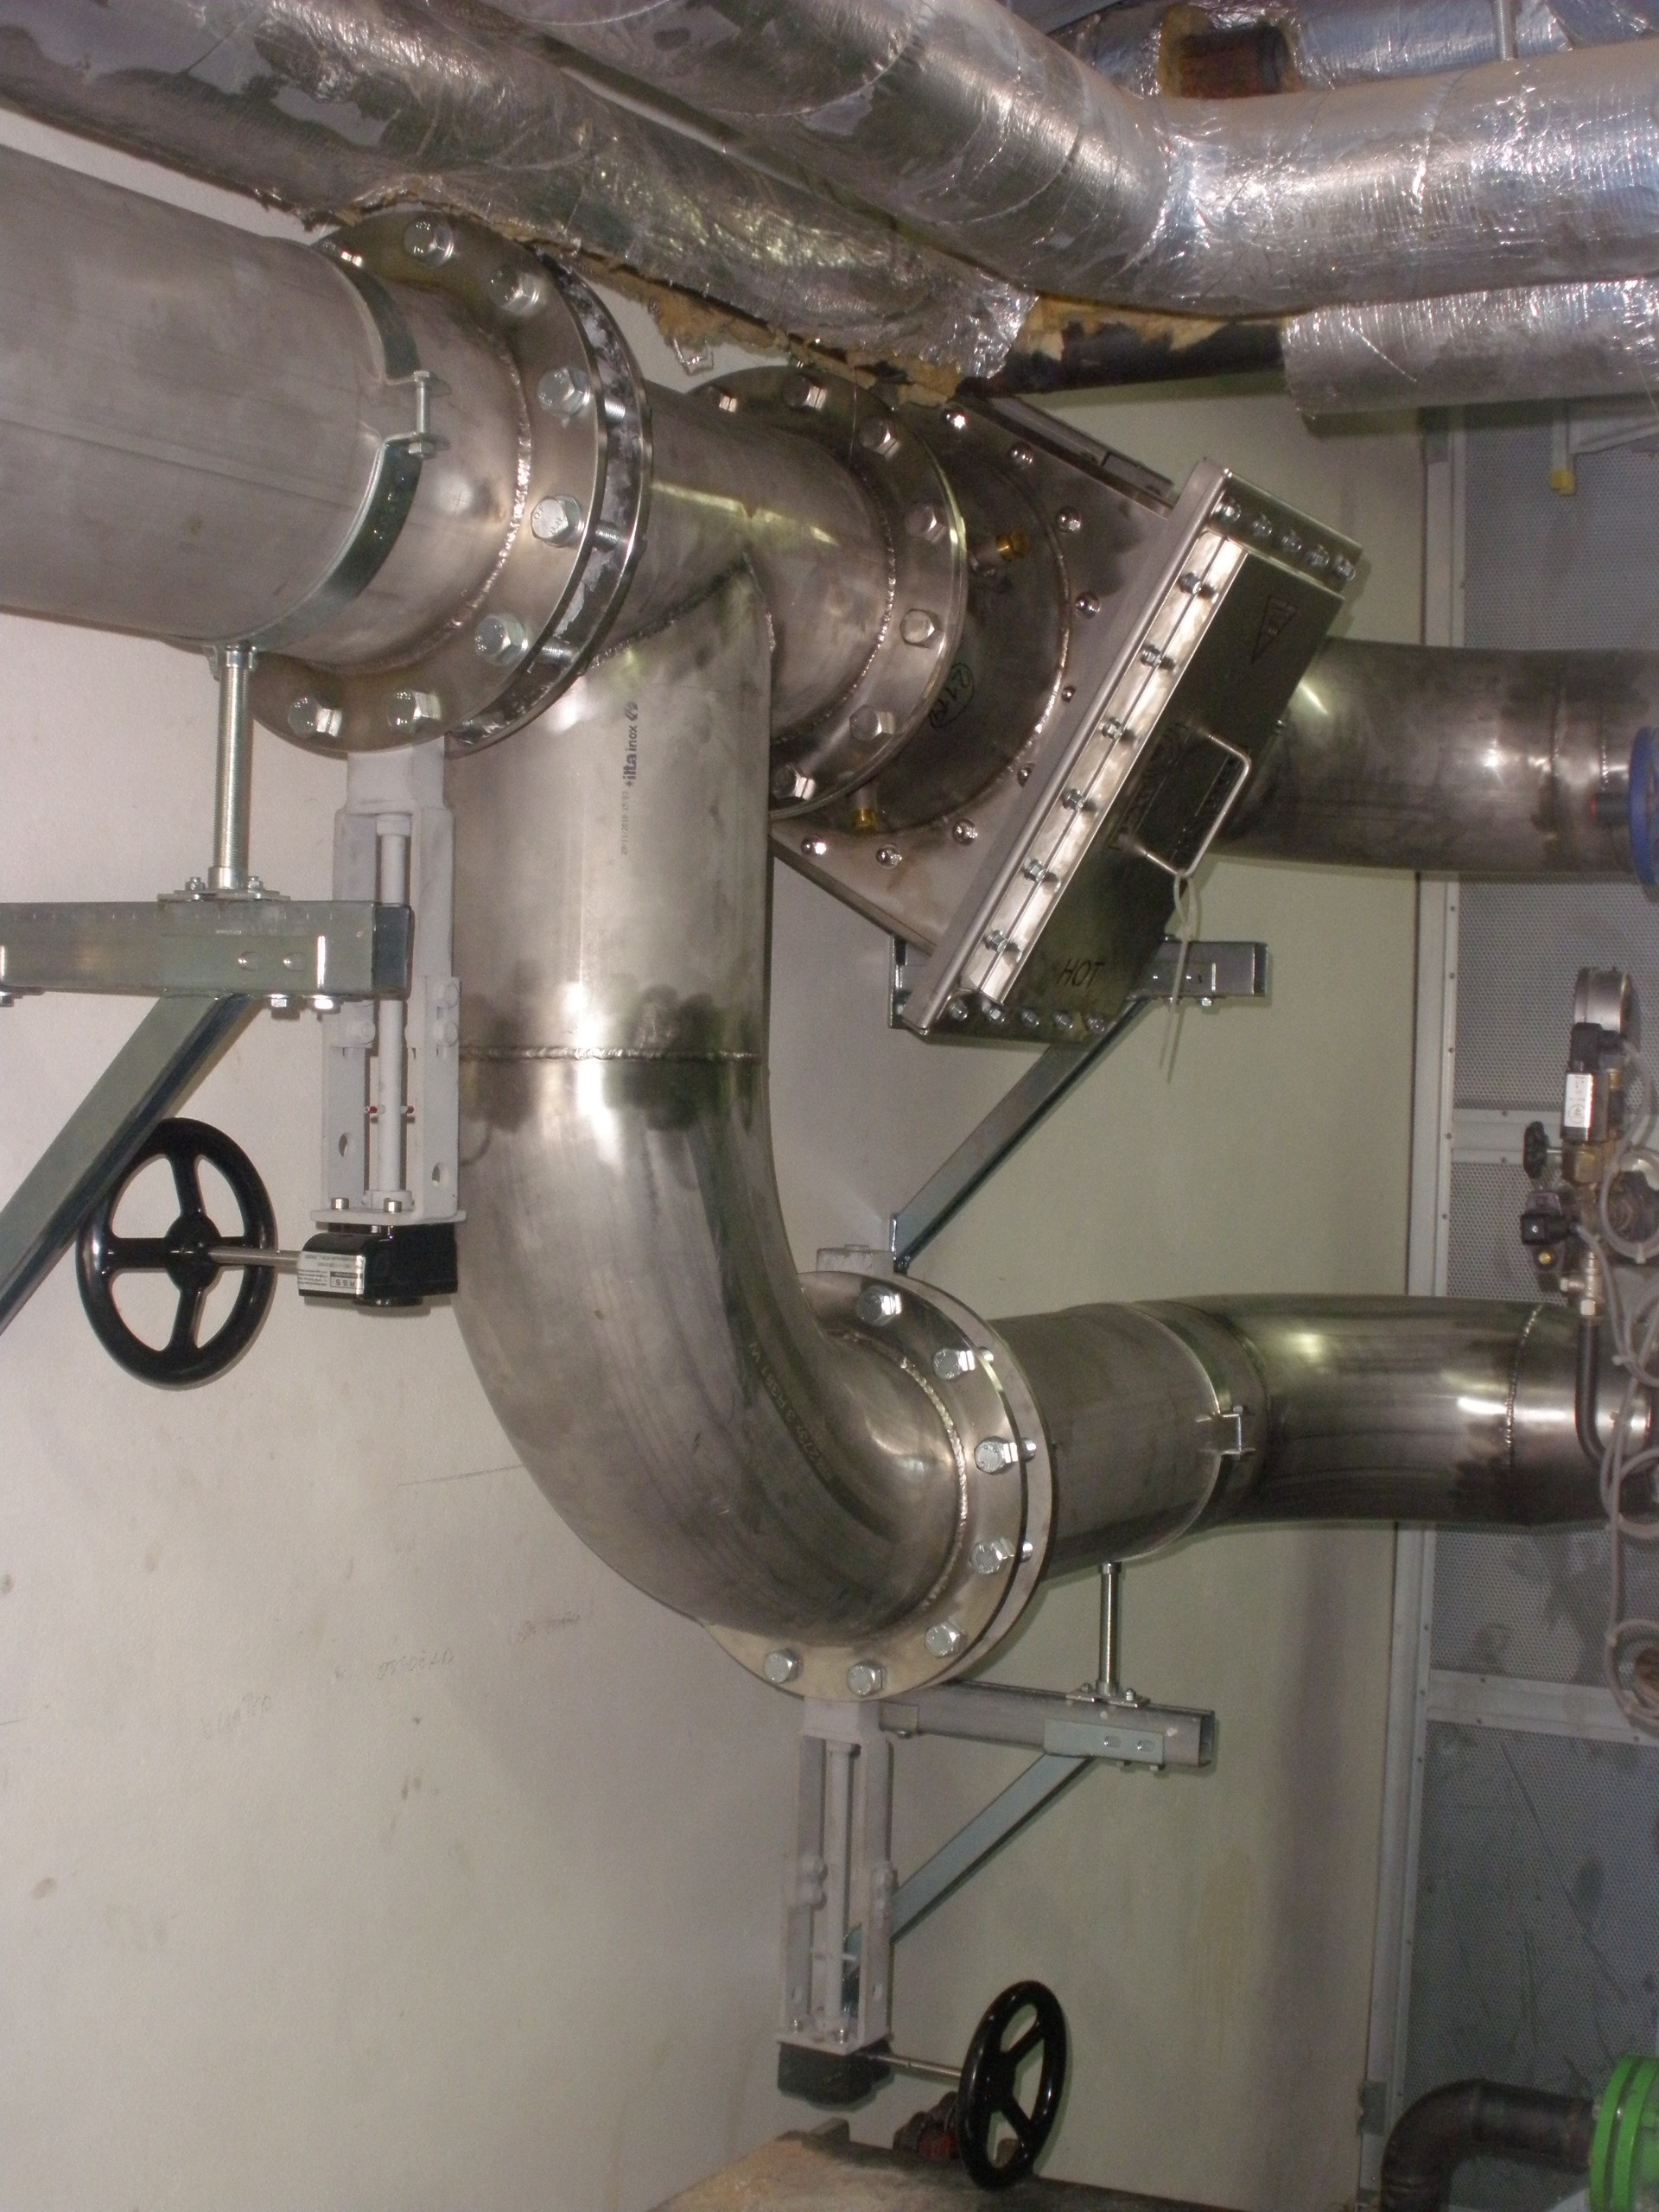 Snížení přehřívání motoru v letních měsících - pomocí obchvatu spalinového výměníku (bypass)